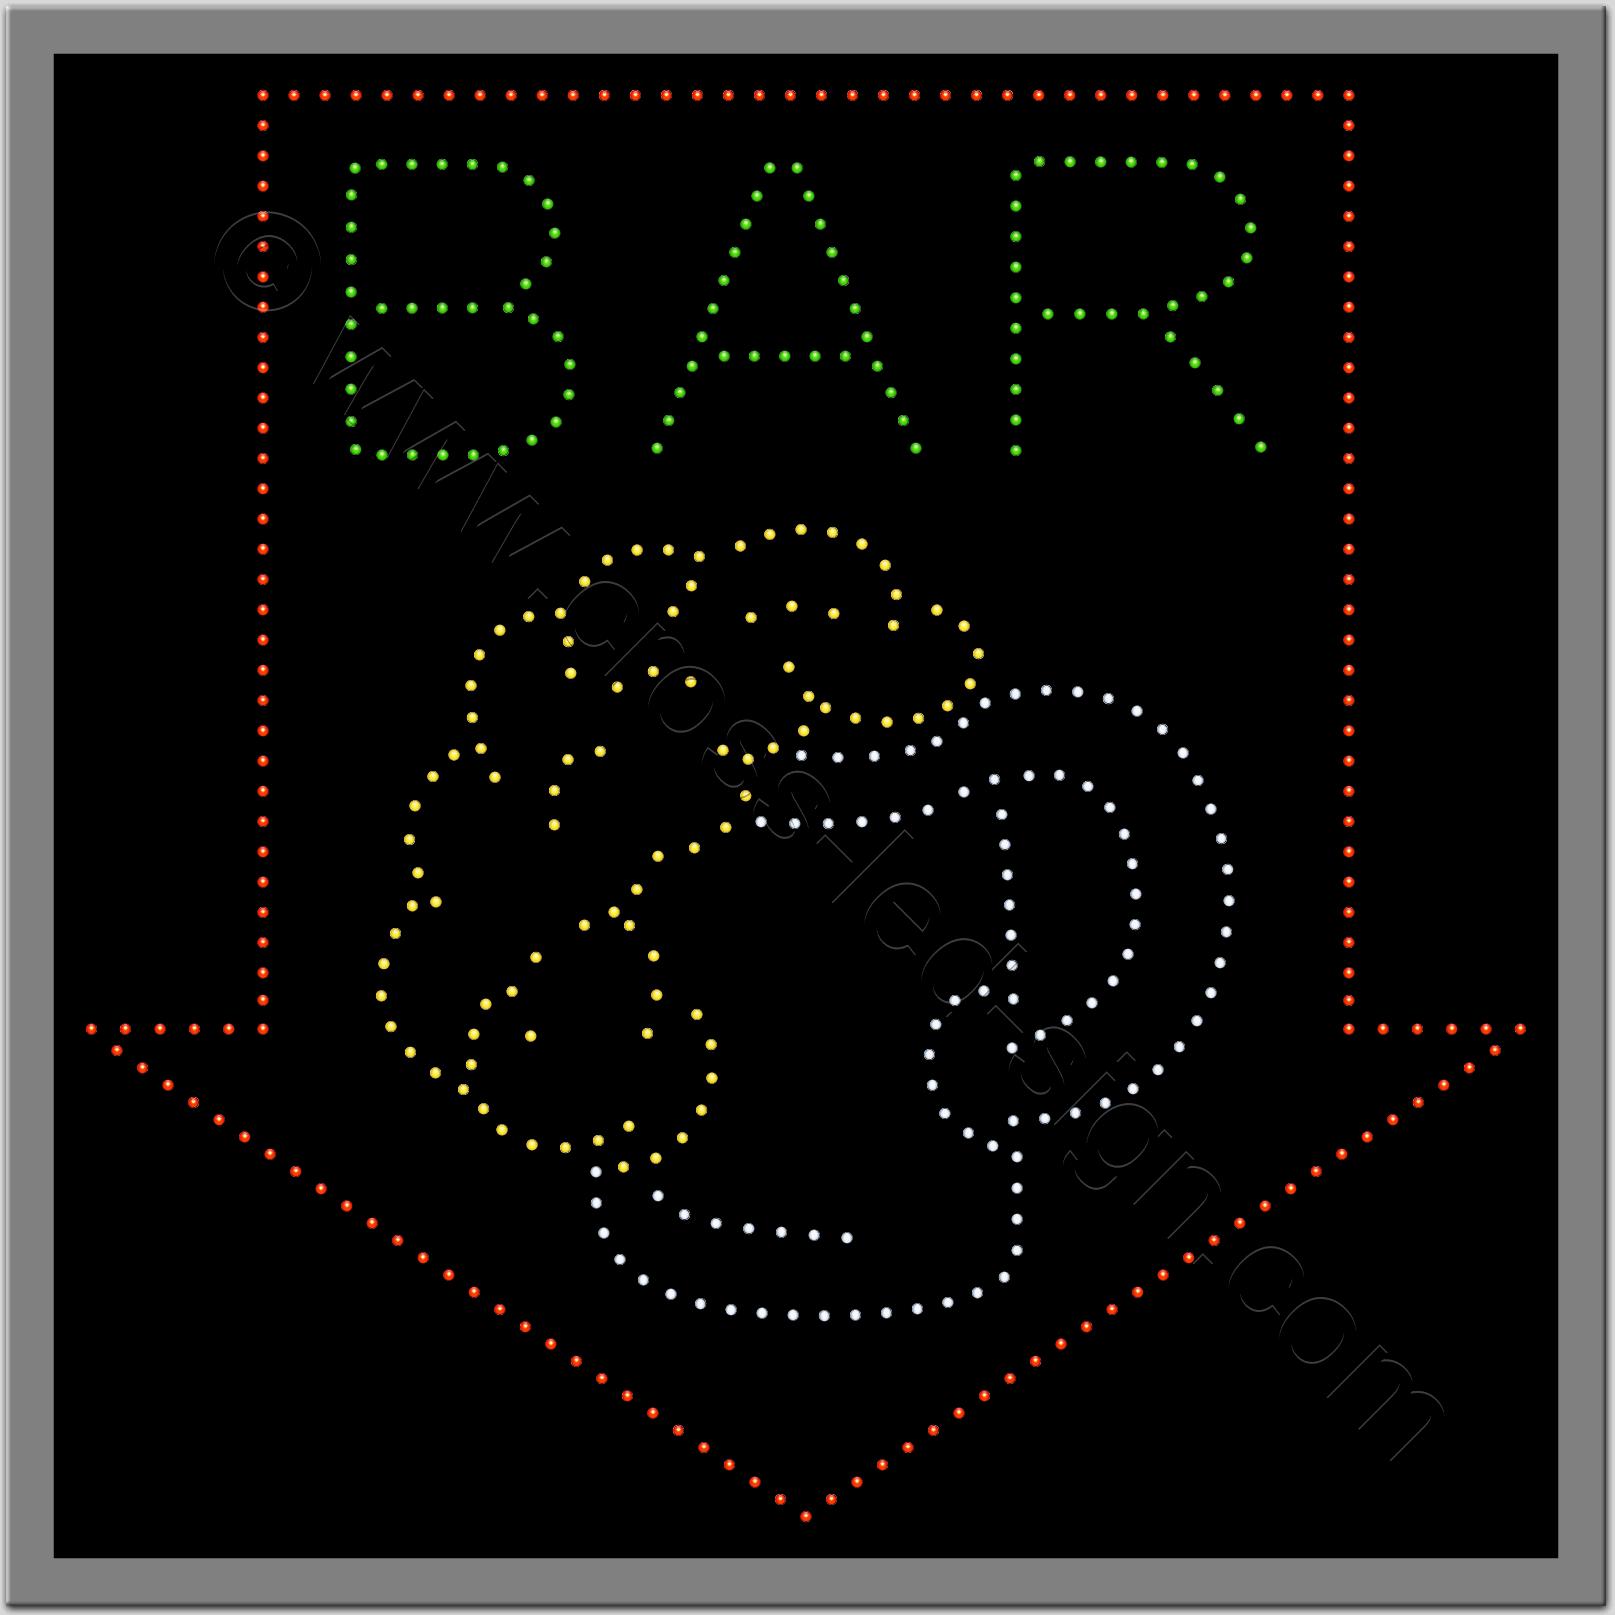 Επιγραφή led για bar με ποτήρι μπύρας και βέλος.